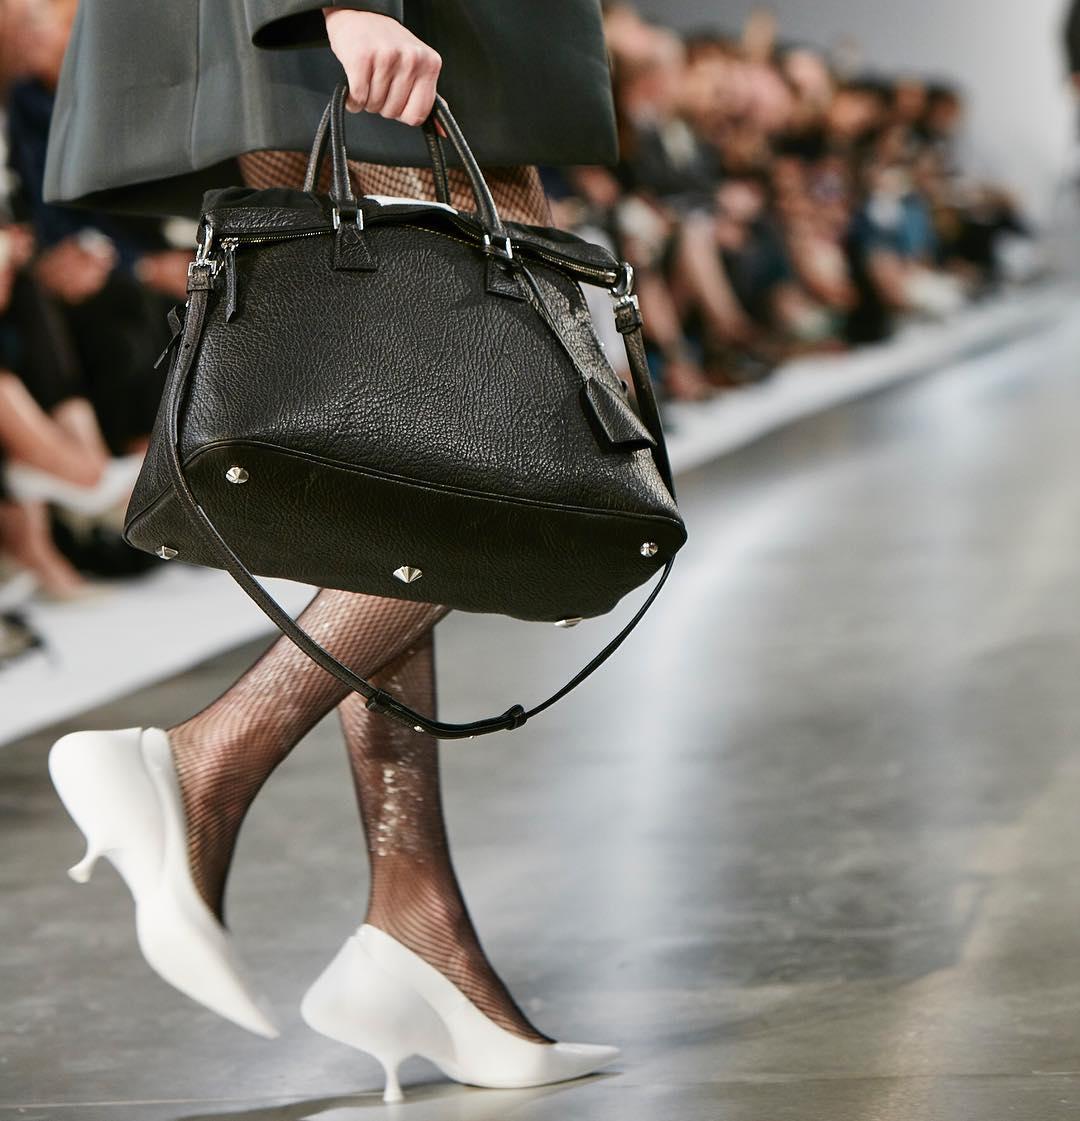 メゾンマルジェラのバッグを持って歩く女性